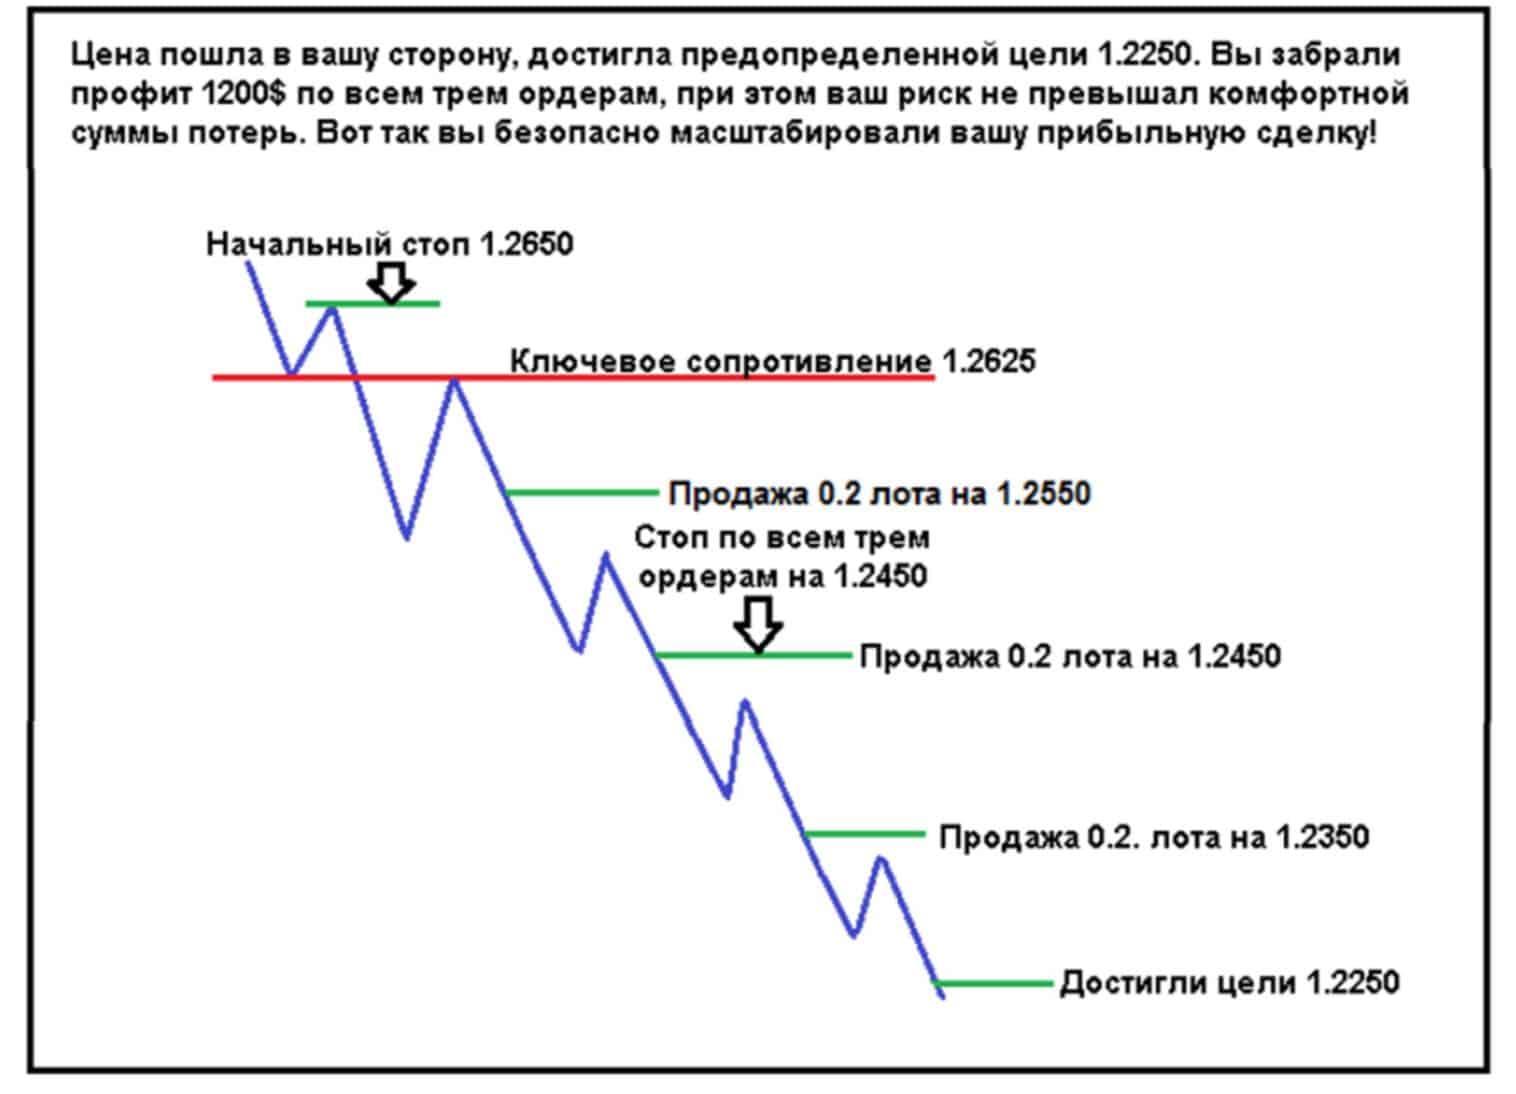 pyramid 04 Пирамидинг – стратегия управления капиталом для увеличения прибыли